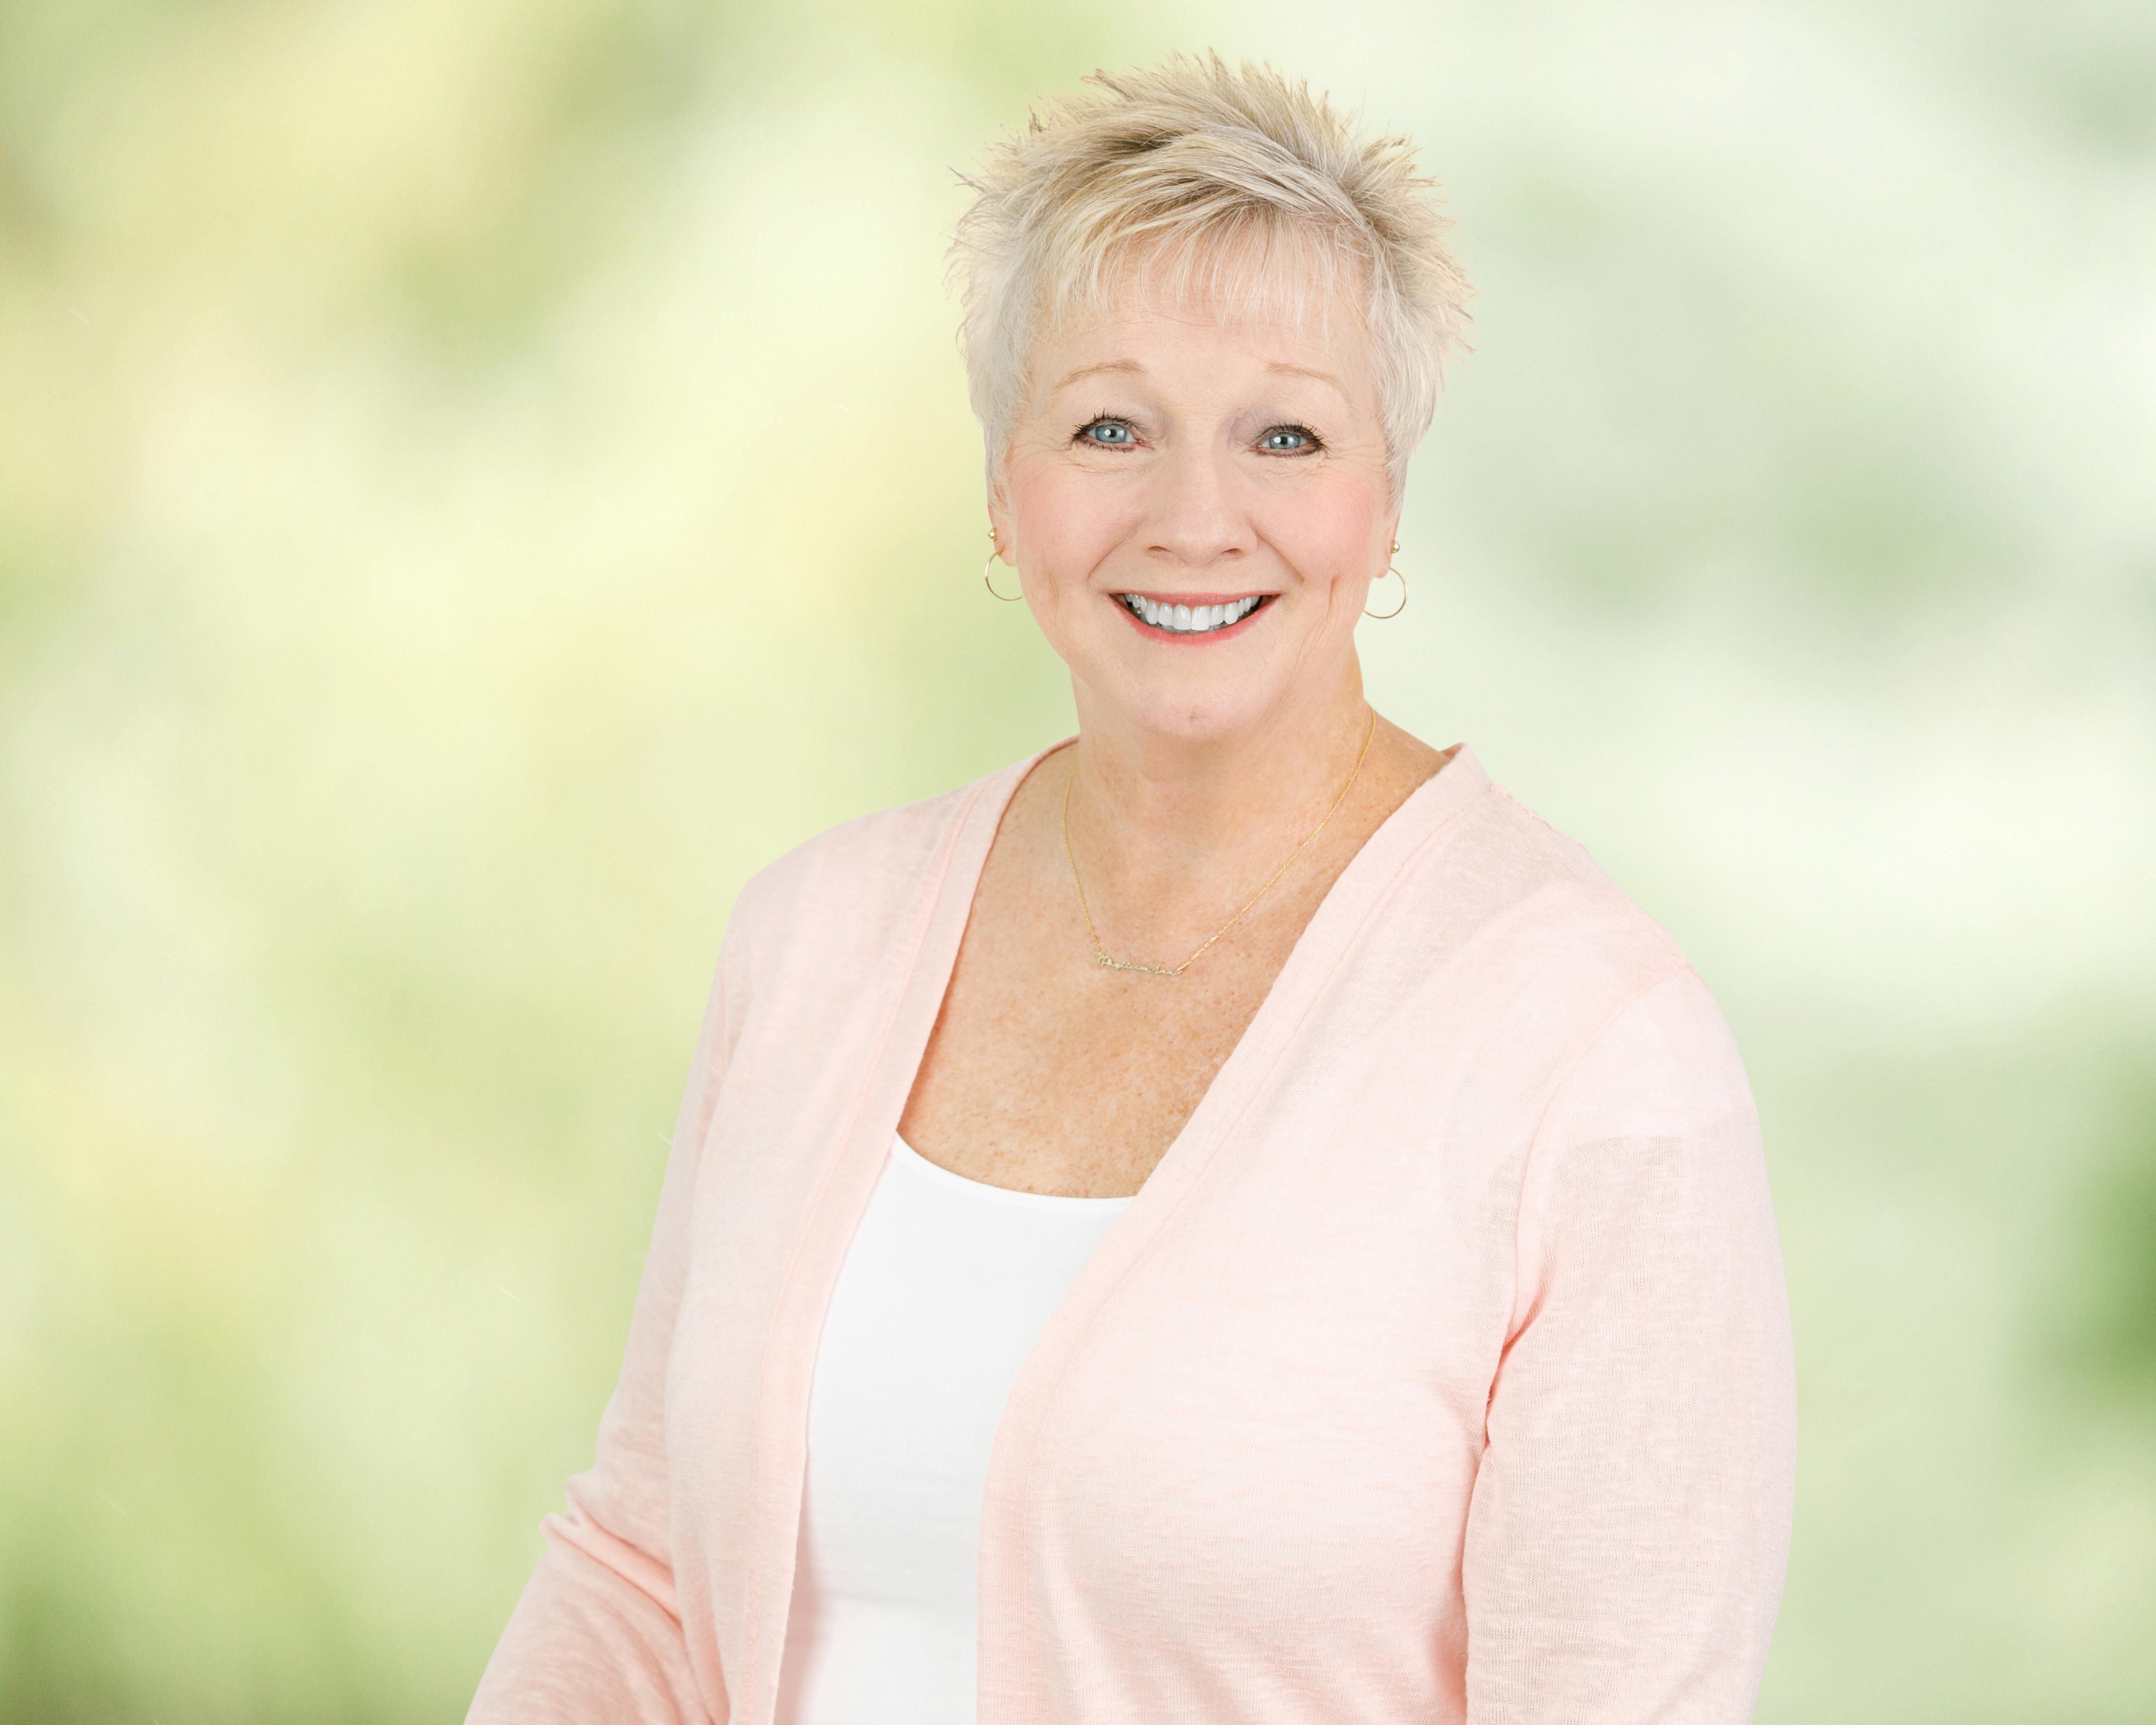 PhyllisAnn-10.jpg